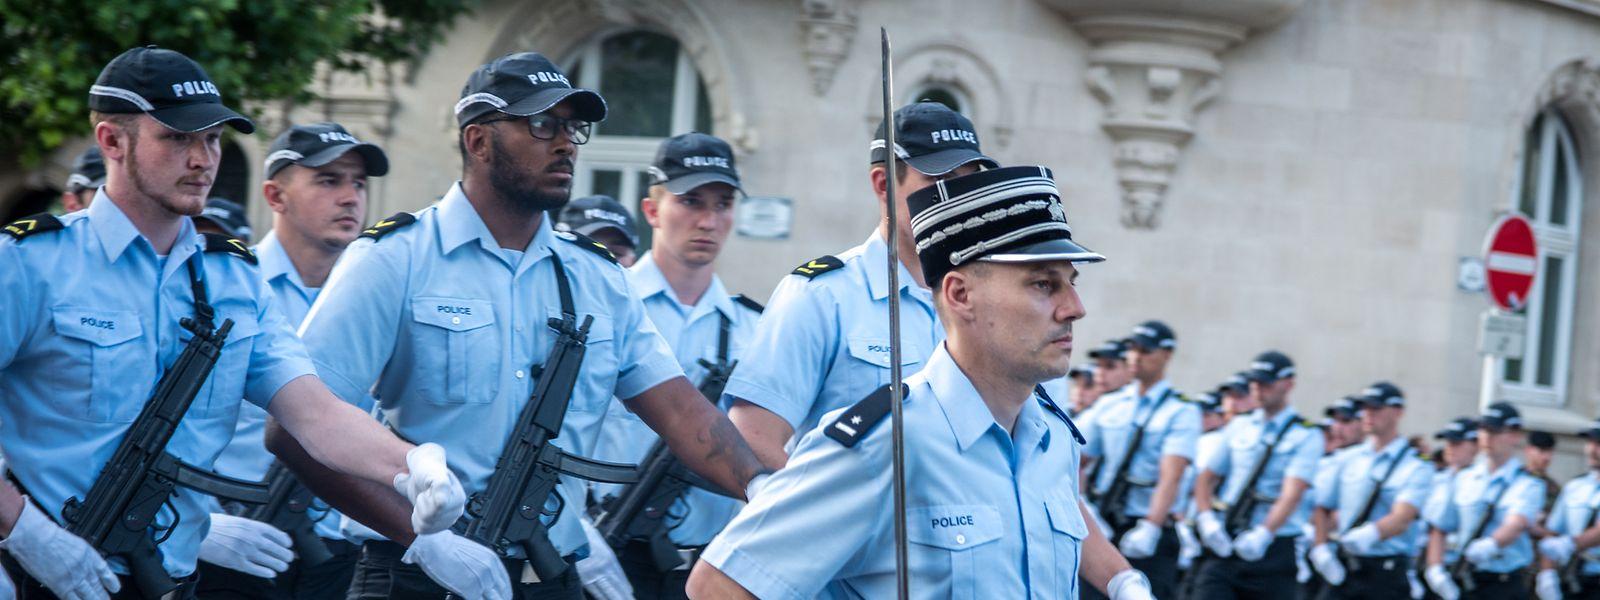 Laut SNPGL gibt es ausreichend Kandidaten für die Polizeischule, nur seien die Aufnahmetests zu schwer.